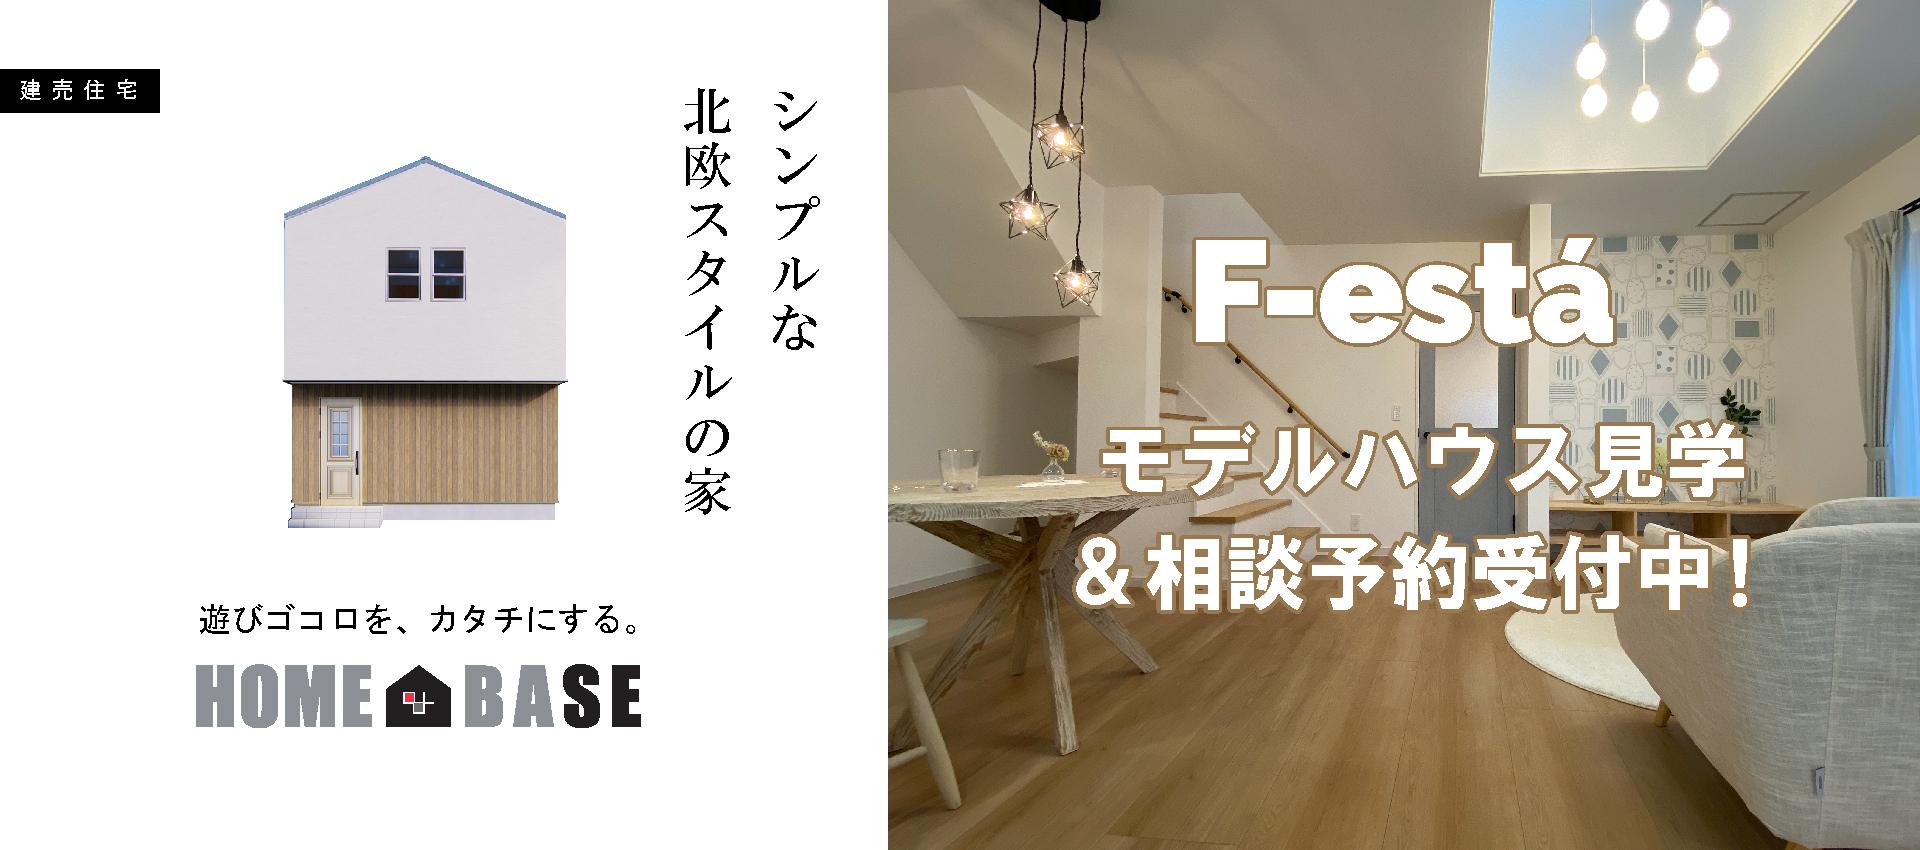 シンプルな北欧スタイルの家 HOME&BASE